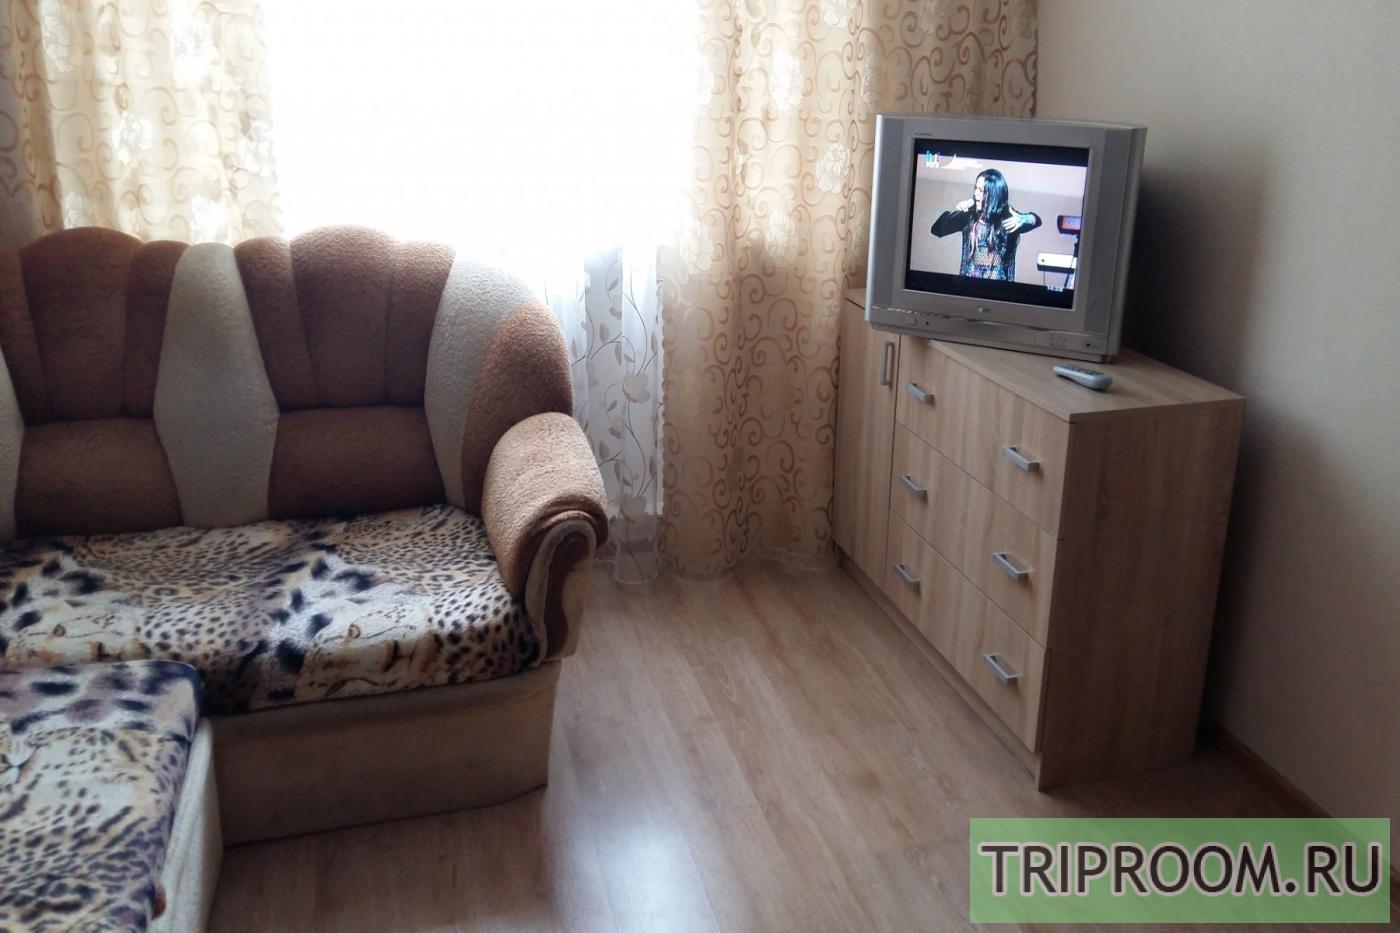 1-комнатная квартира посуточно (вариант № 22588), ул. Стара-Загора улица, фото № 5